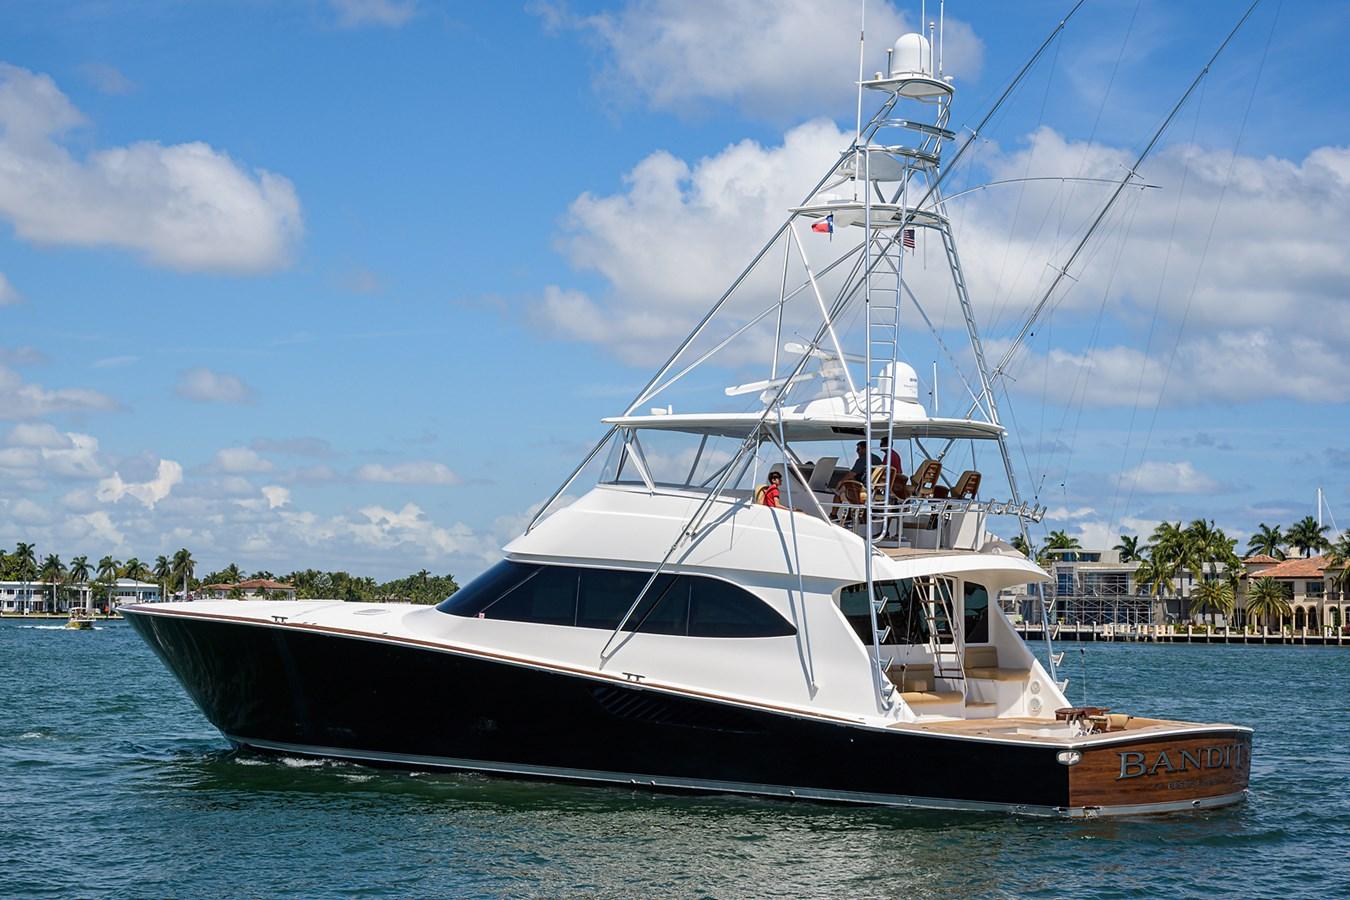 Bandit 2010 VIKING Sportfish with Seakeeper Sport Fisherman 2899019